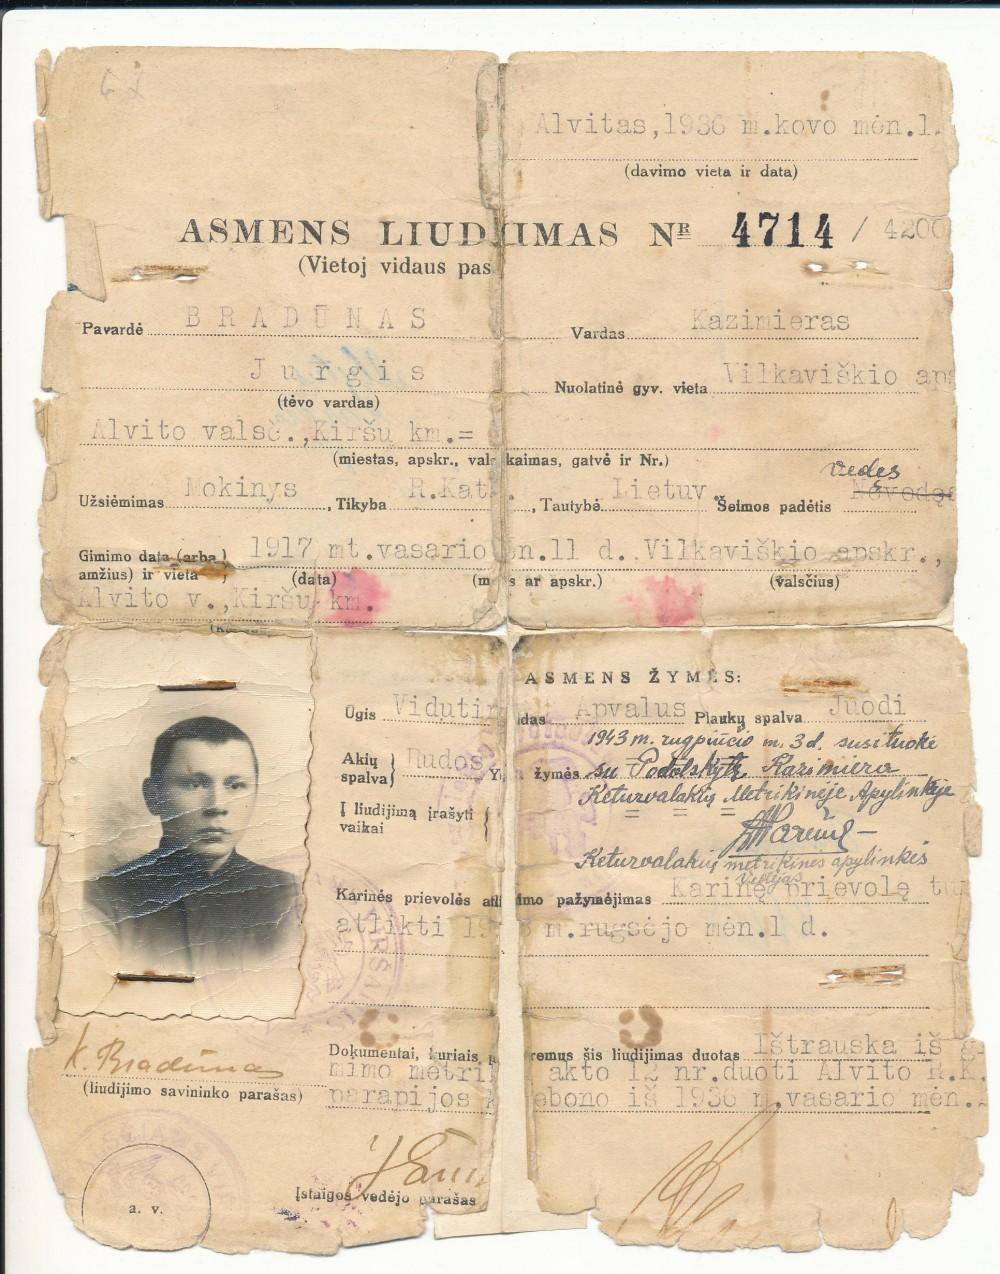 K. Bradūno asmens liudijimas, išduotas Alvite 1936 03 01